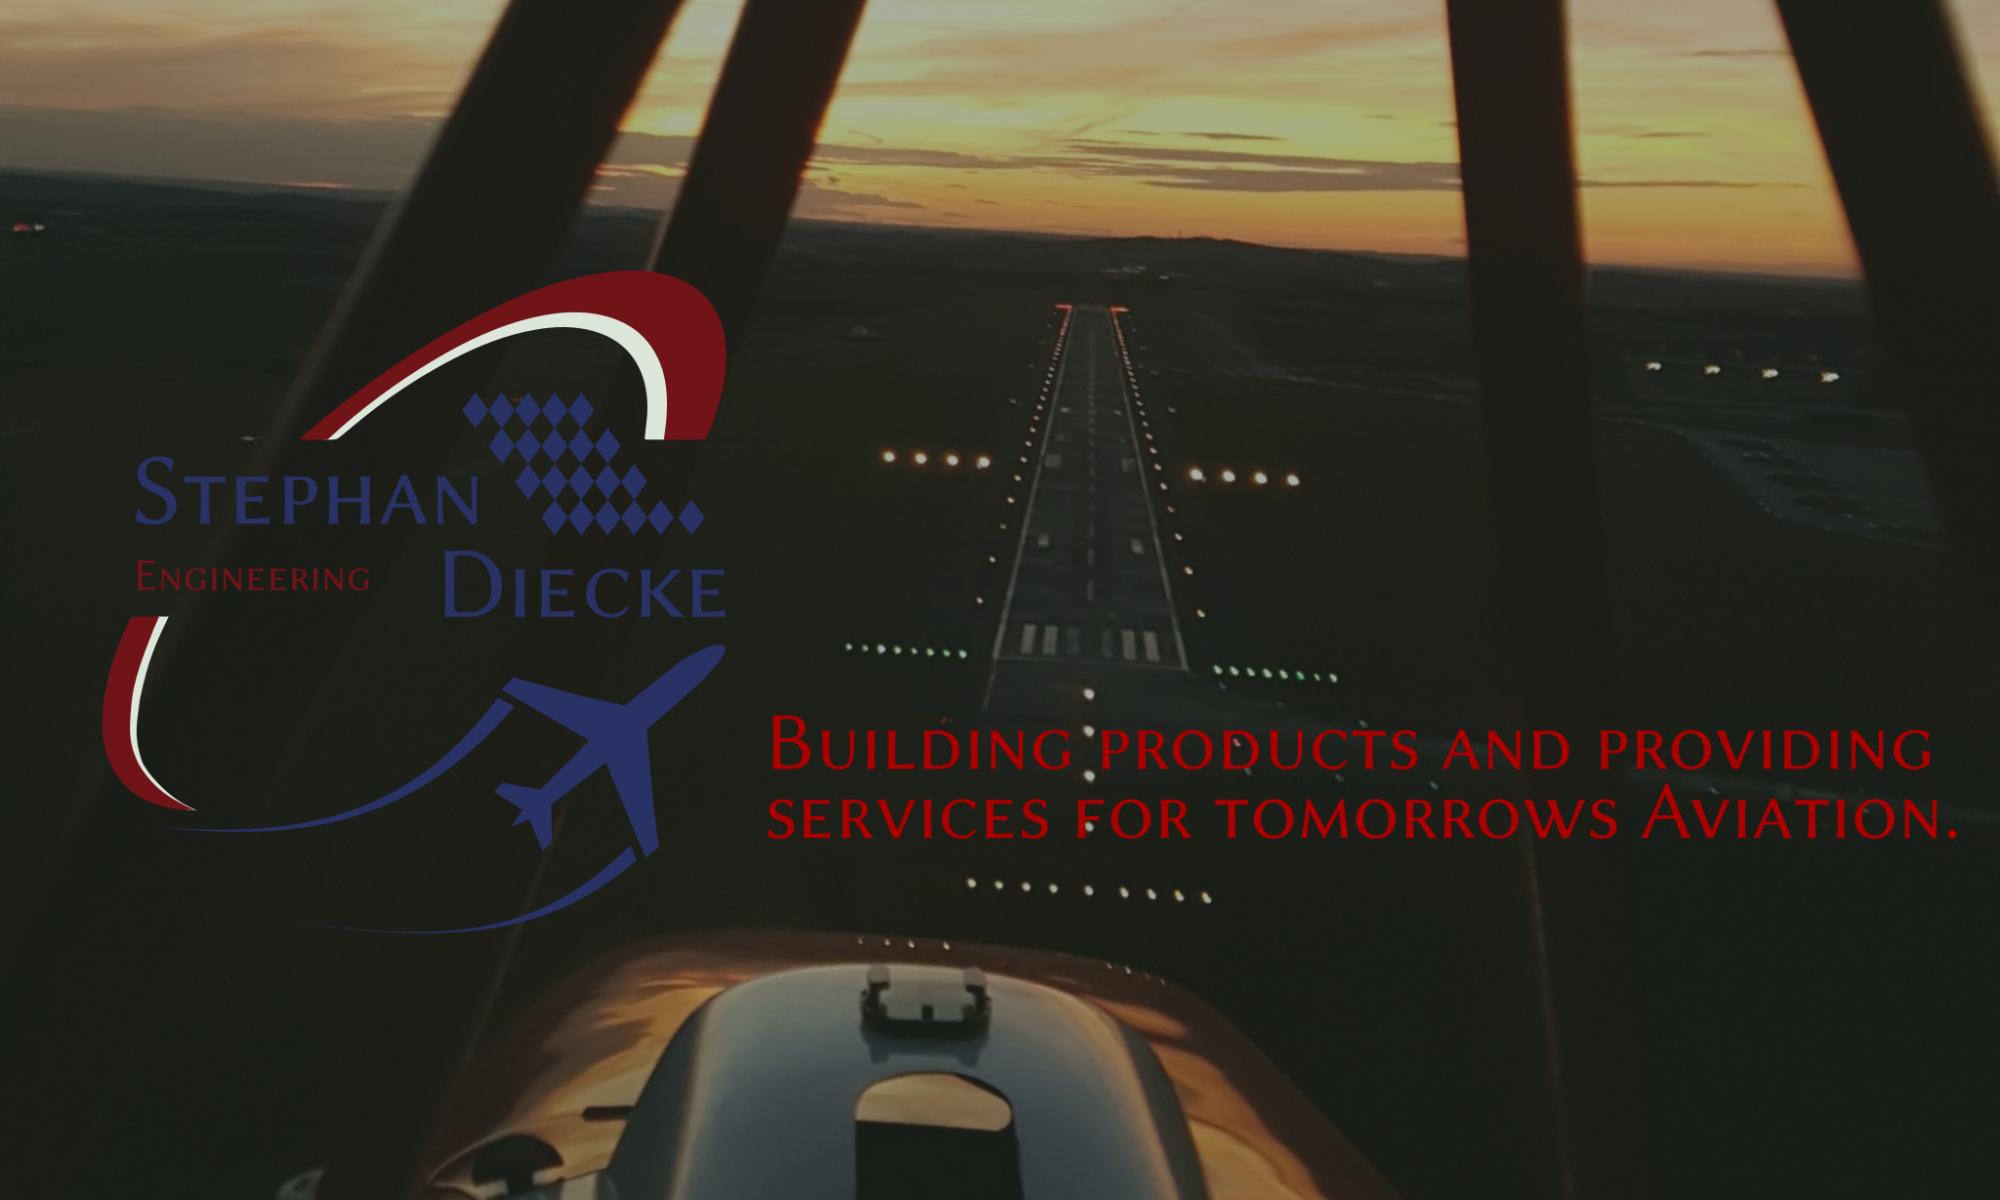 Stephan Diecke Engineering